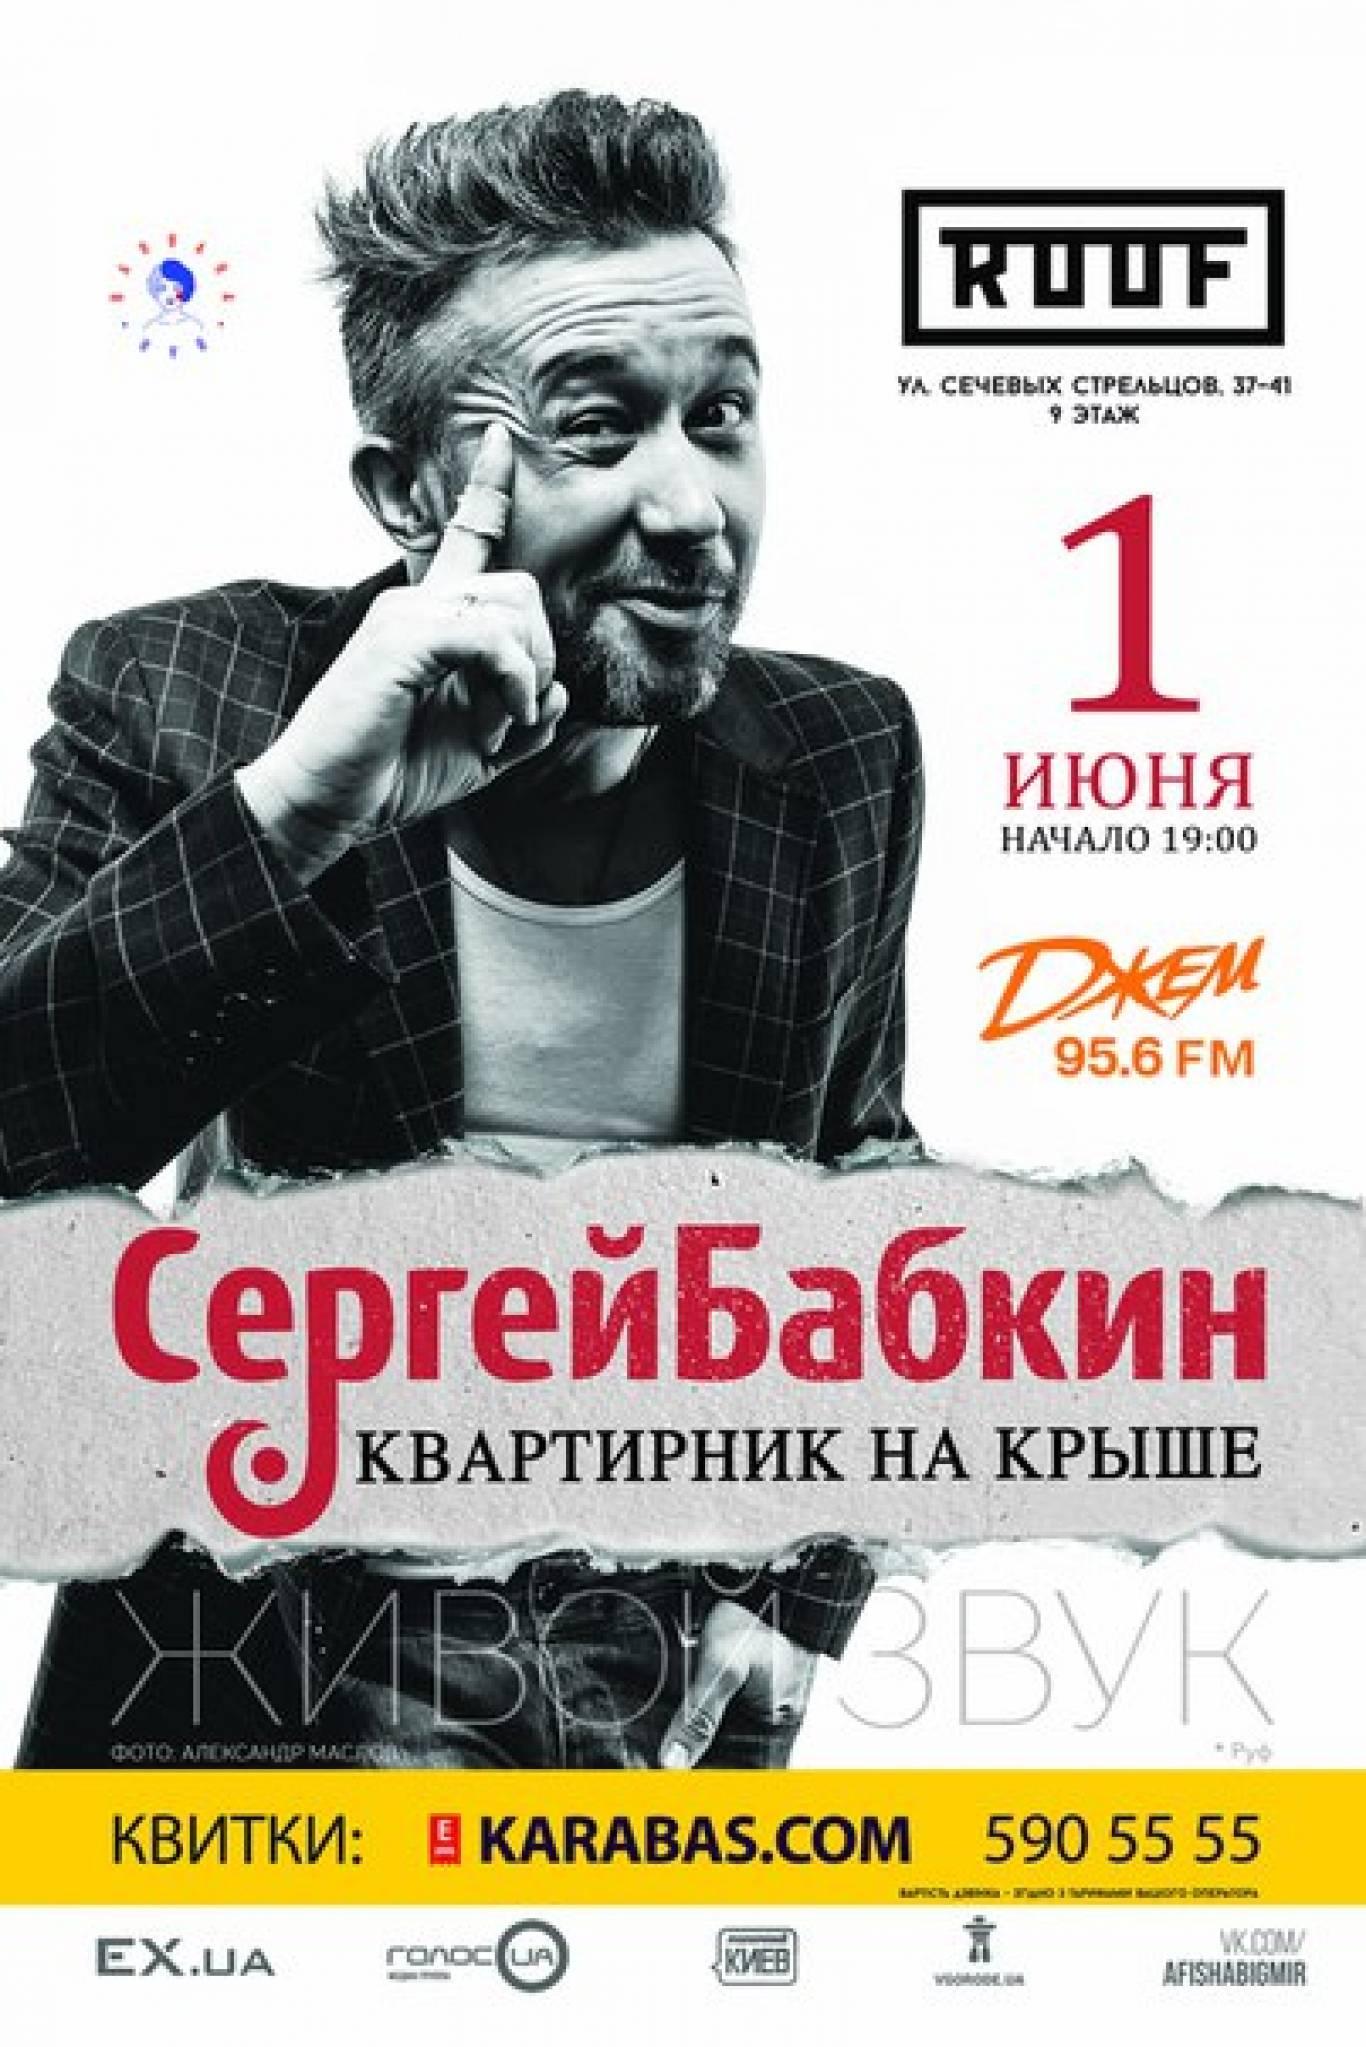 Сергій Бабкін: концерт-квартирник на даху